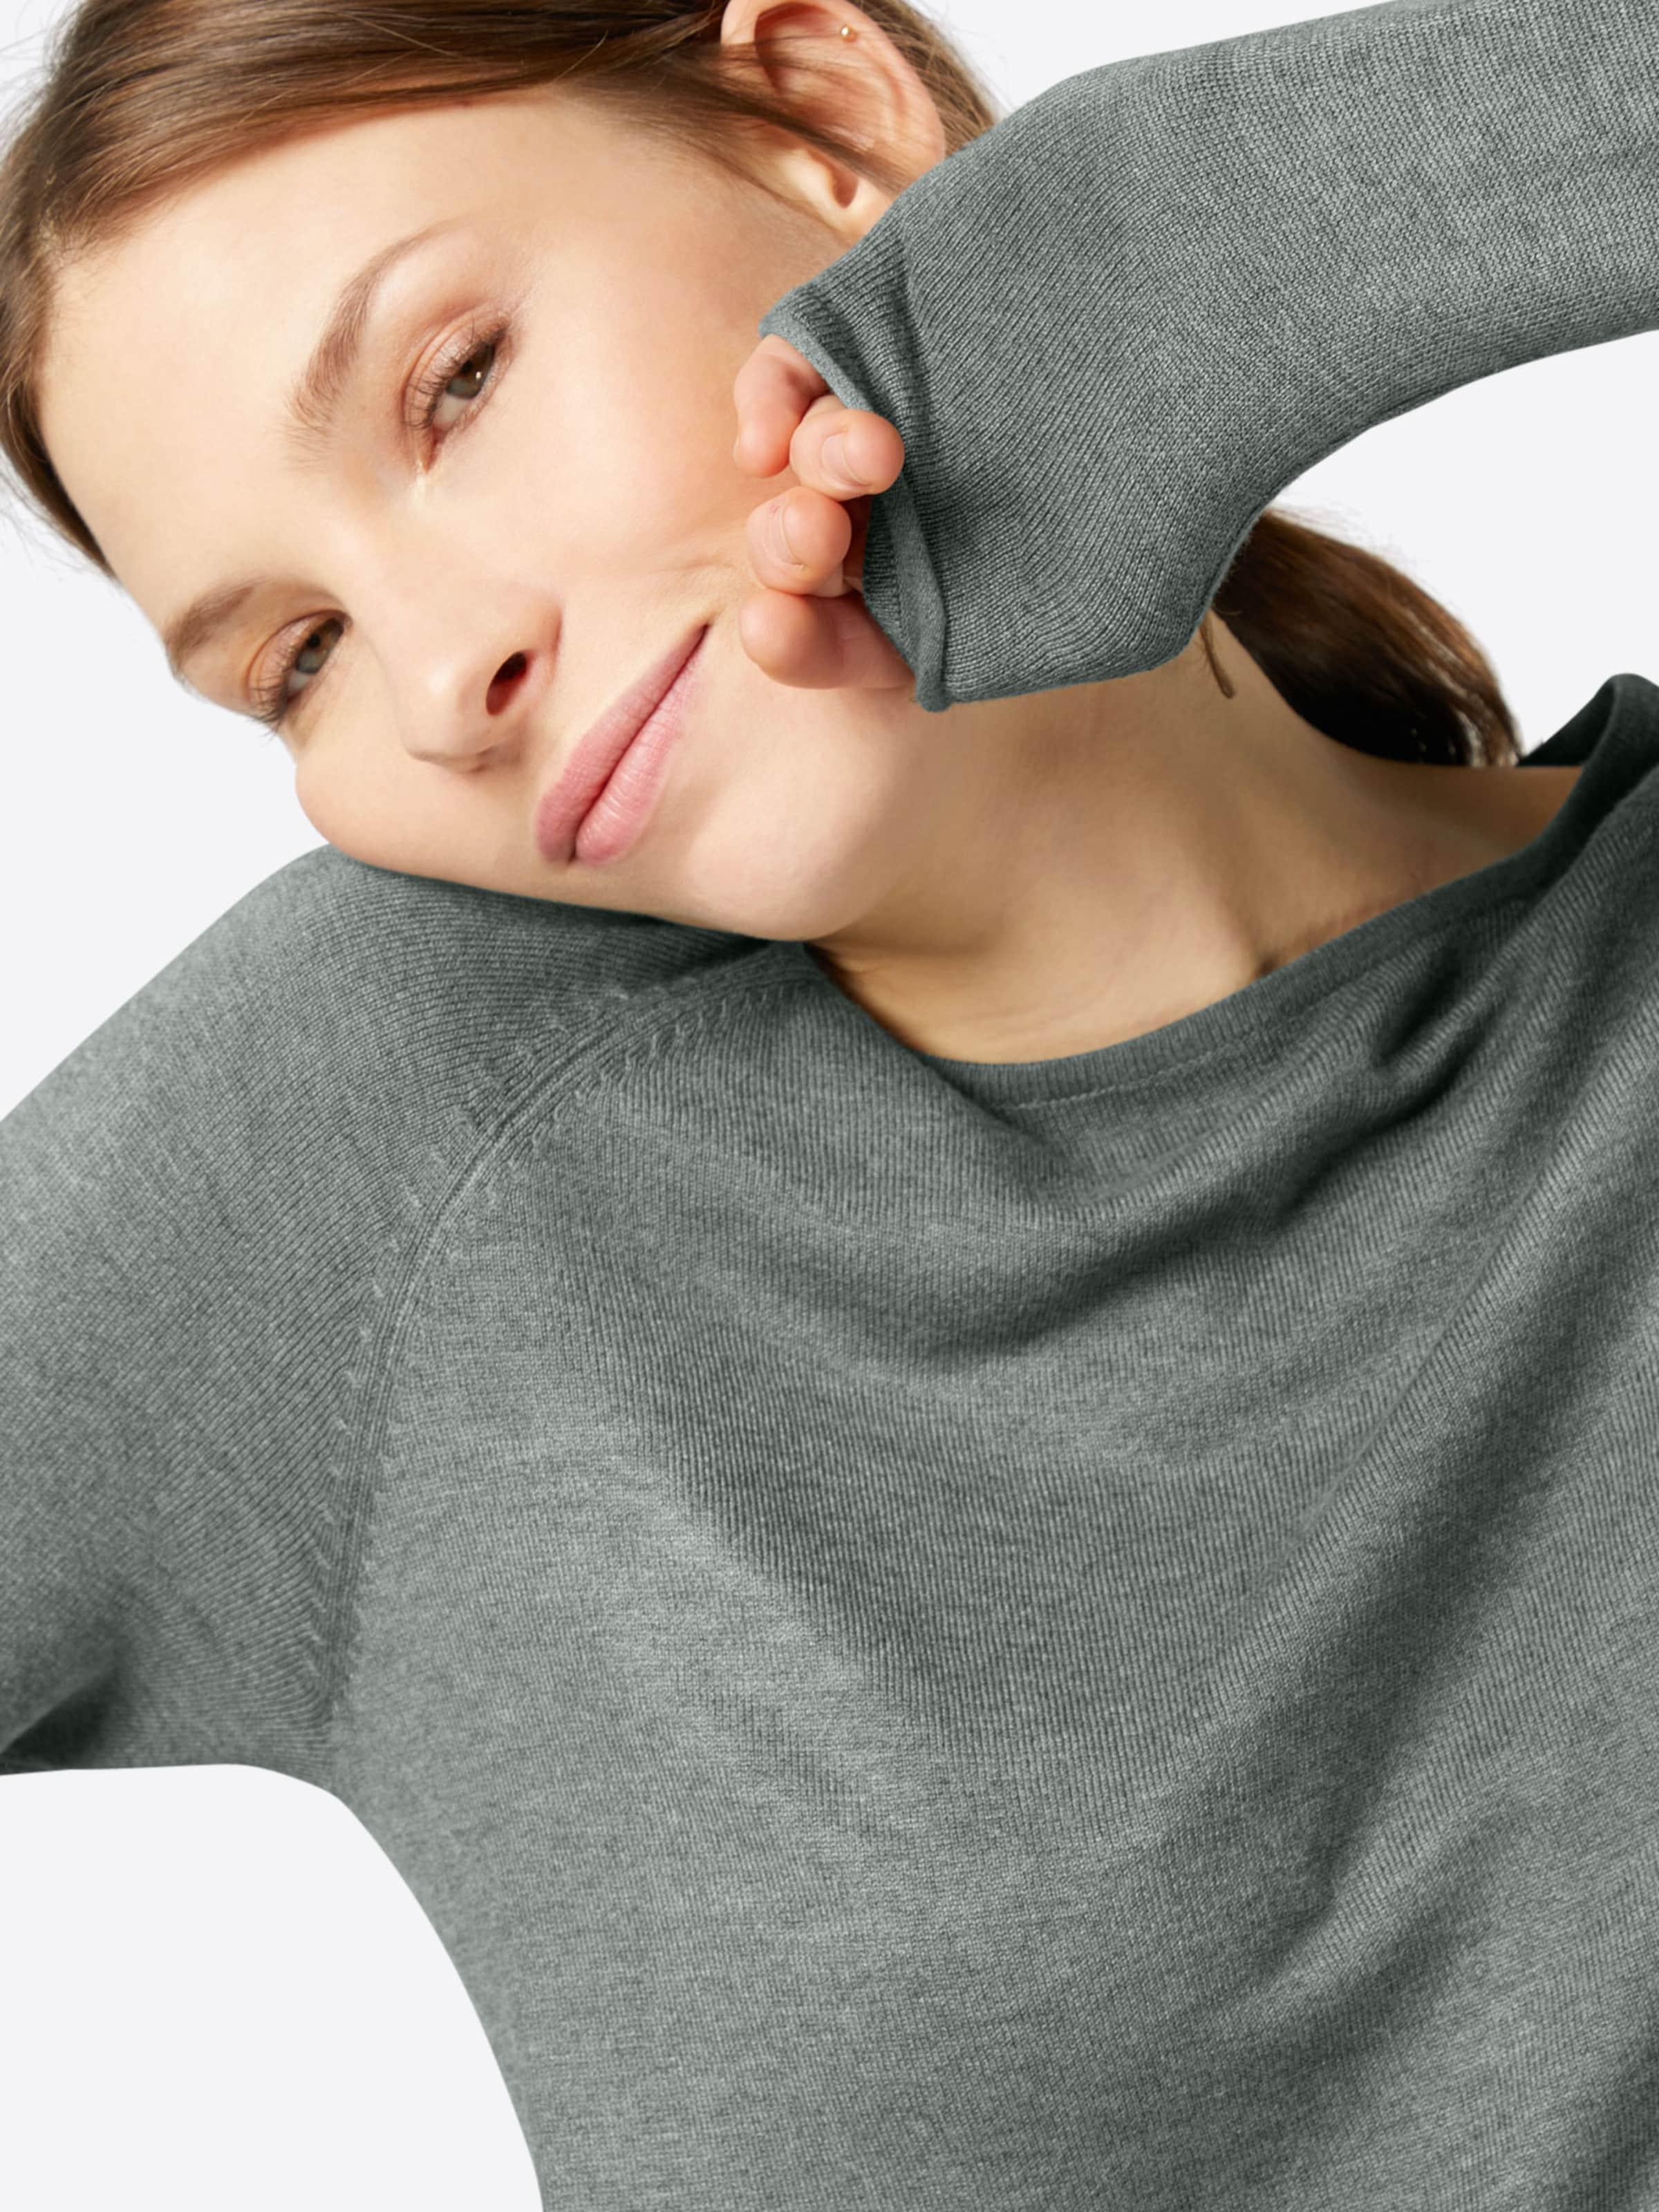 Günstig Kaufen 2018 ONLY Lockerer Pullover Auslass Großhandelspreis Factory-Outlet-Verkauf Online Spielraum Wählen Eine Beste 20sgdGyhk